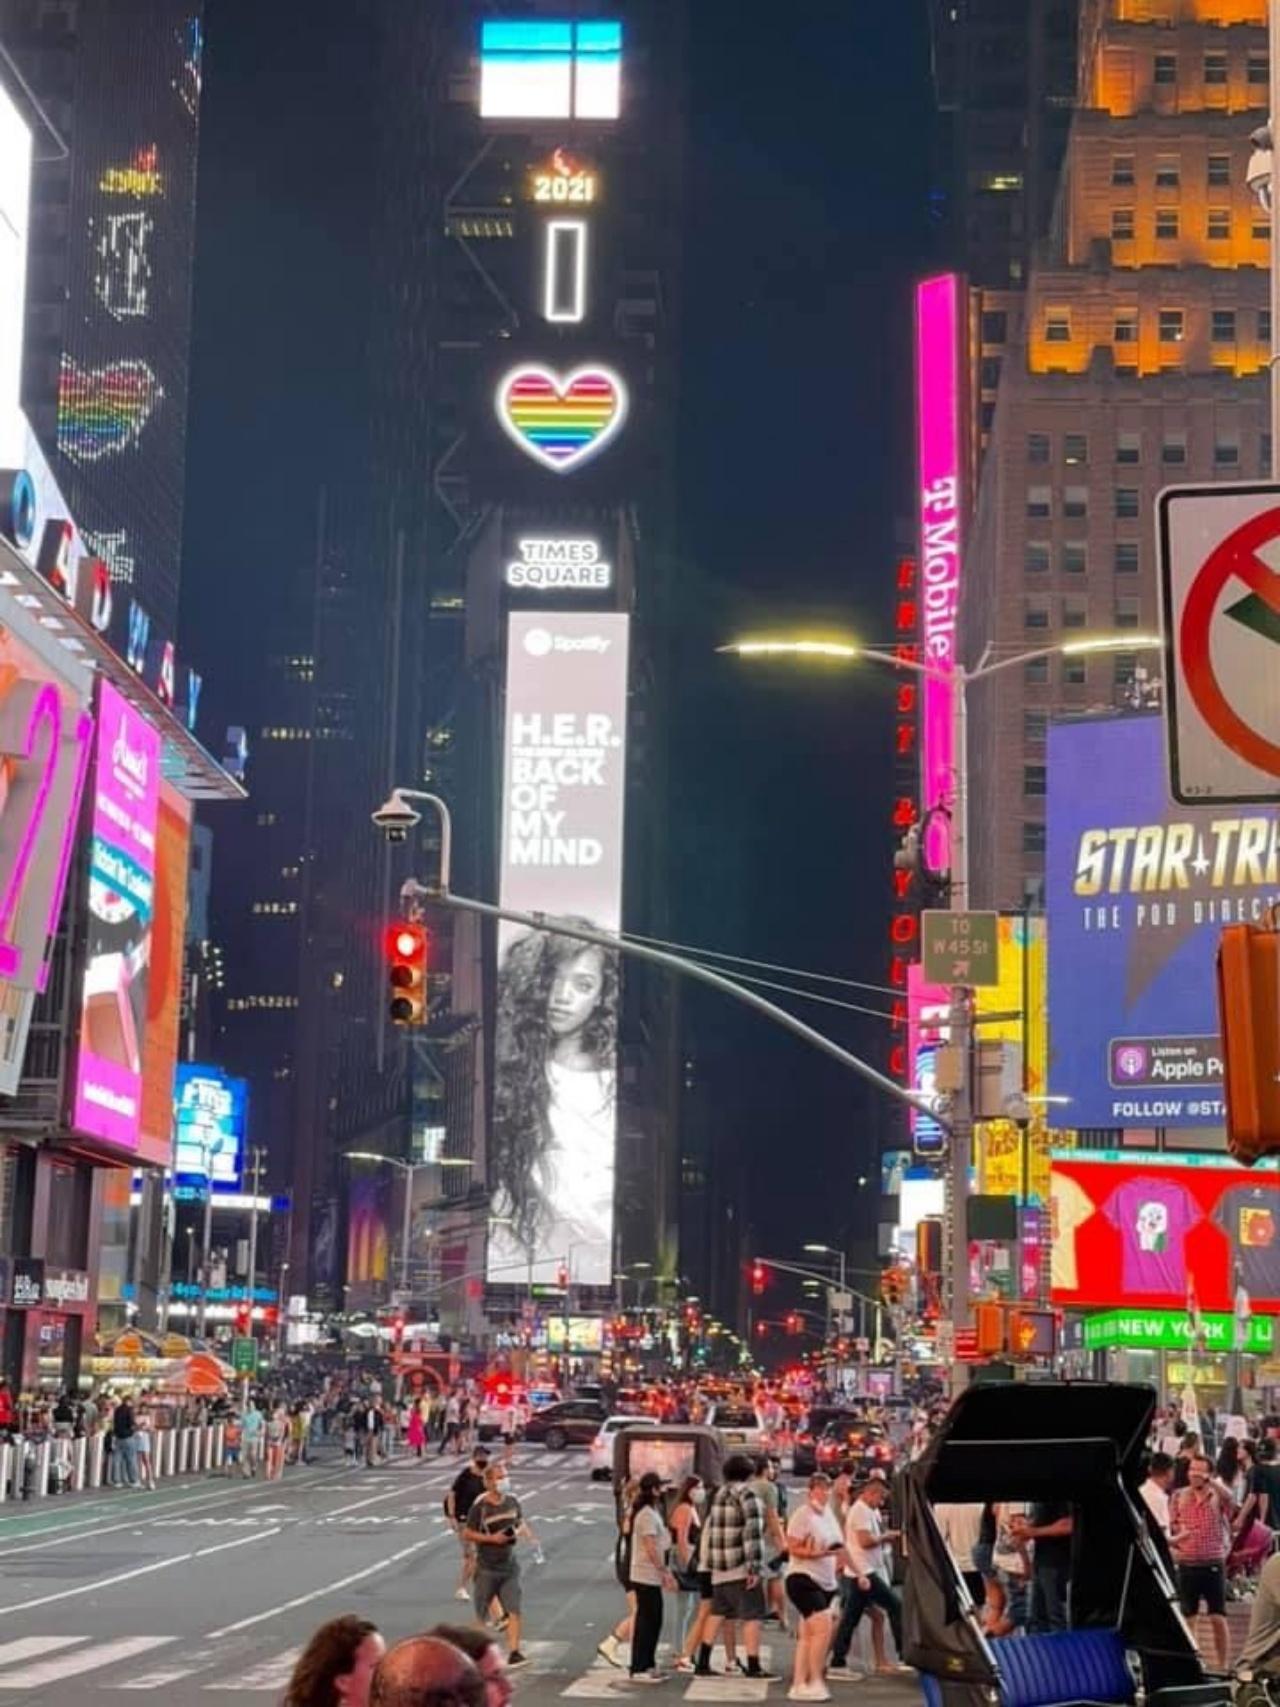 บรรยากาศไทม์สแควร์ ในนครนิวยอร์ก กลับมามีชีวิตชีวา นักท่องเที่ยวหนาแน่นอีกครั้ง หลังทางการนิวยอร์กคลายล็อกคุมโควิด-19 ตั้งแต่กลางเดือนมิถุนายน 64